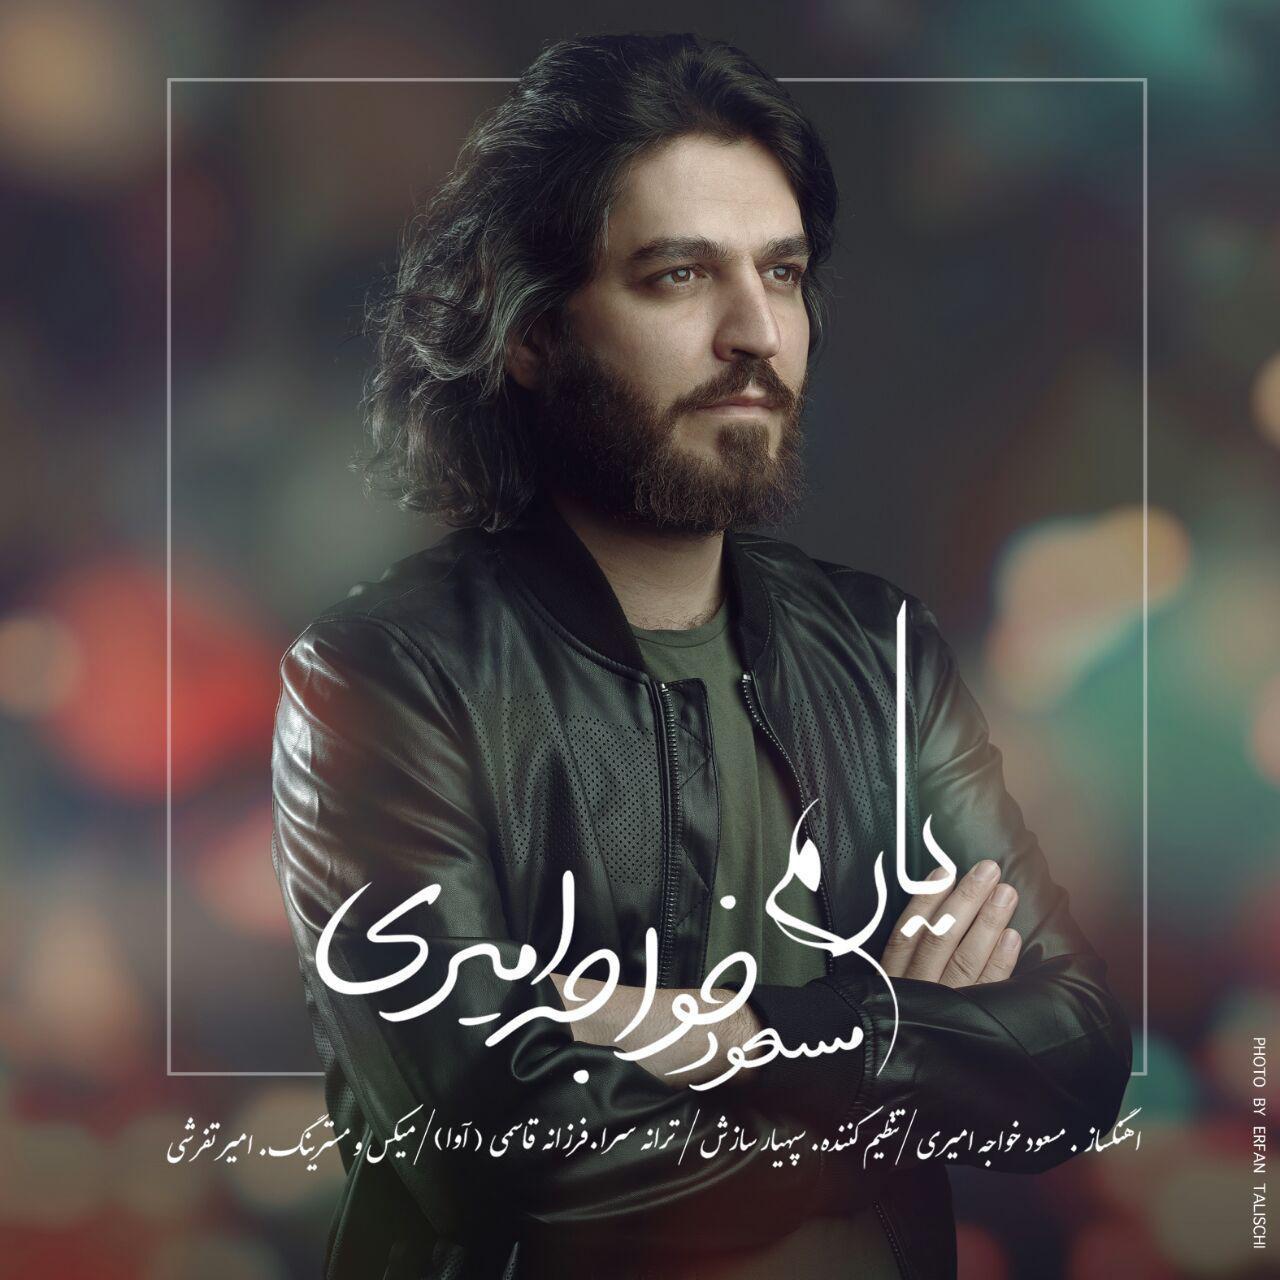 دانلود آهنگ مسعود خواجه امیری یارم